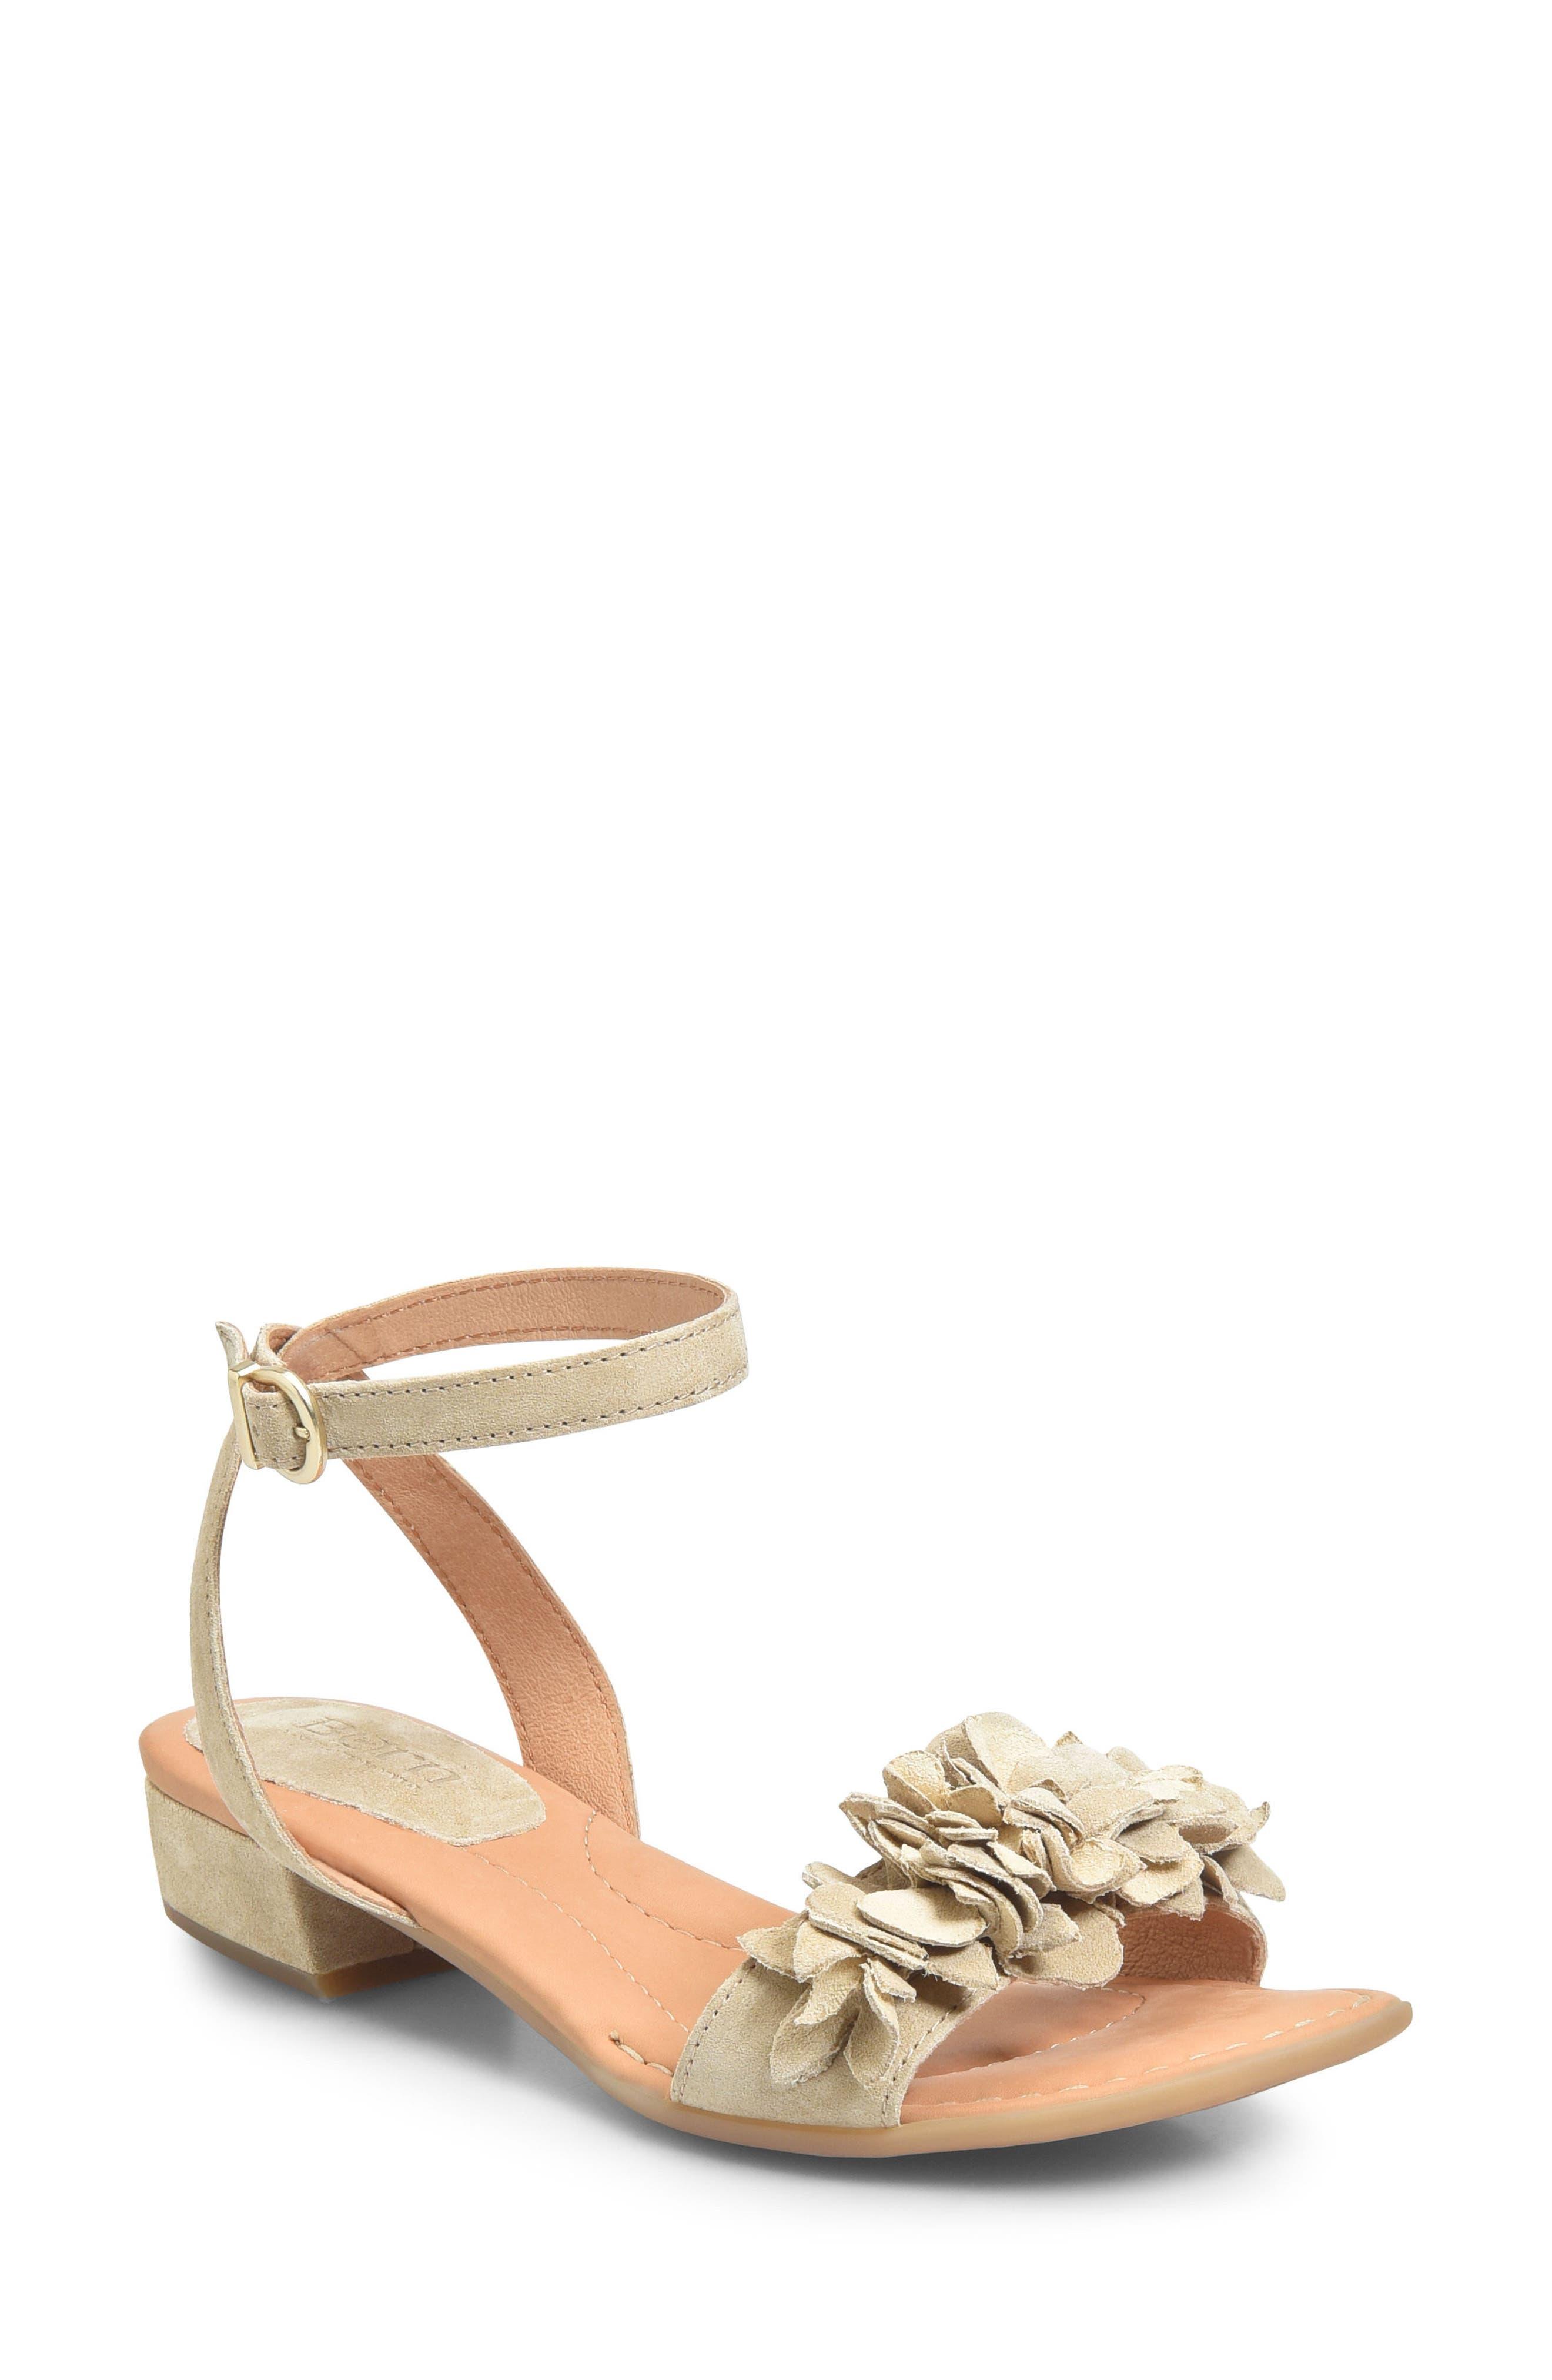 Bouvet Sandal,                         Main,                         color, Cream Suede